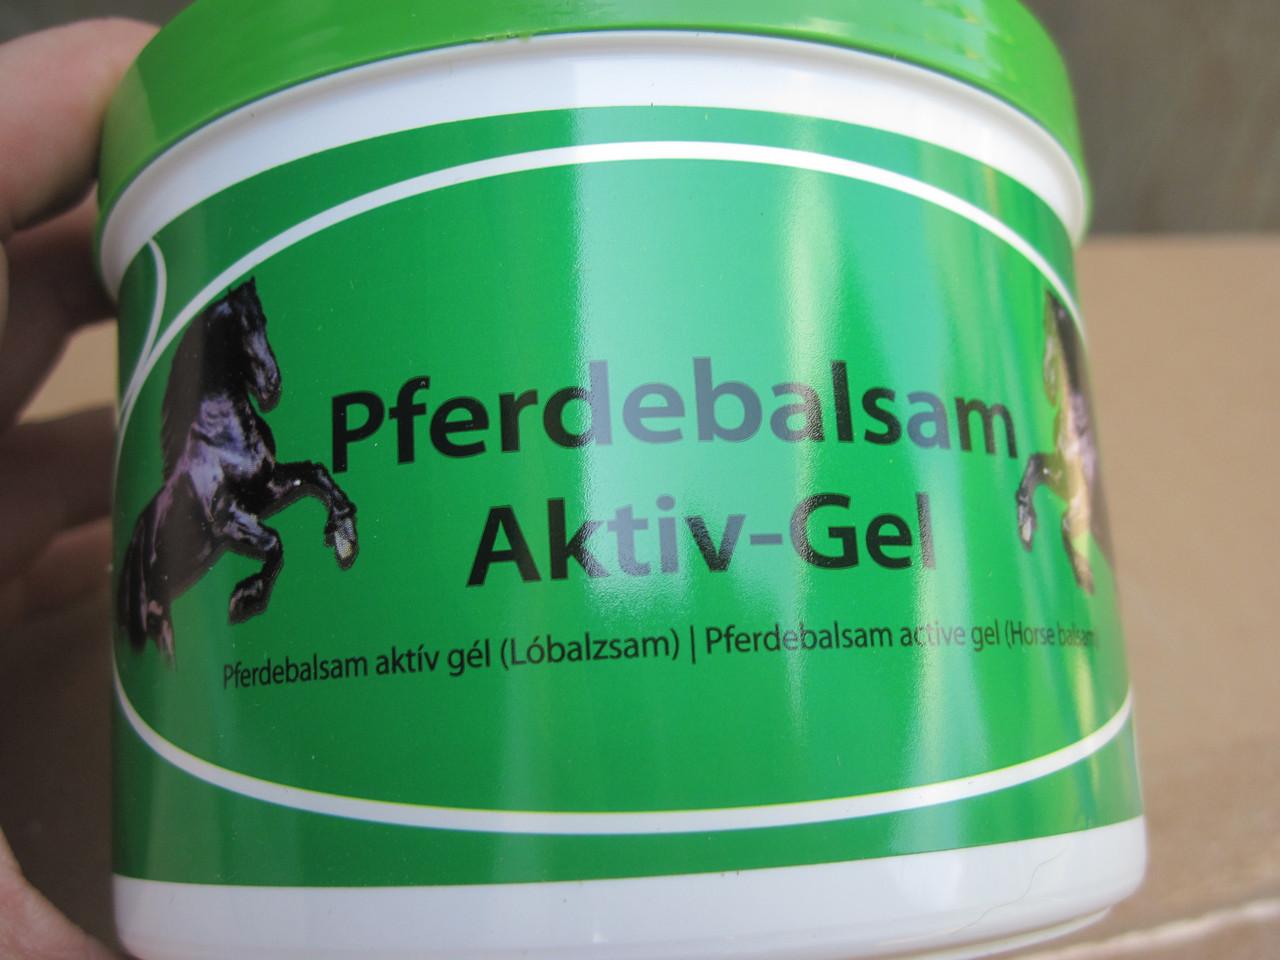 Лошадиный гель для суставов pferdebalsam жидкость рядом со скакательным суставом